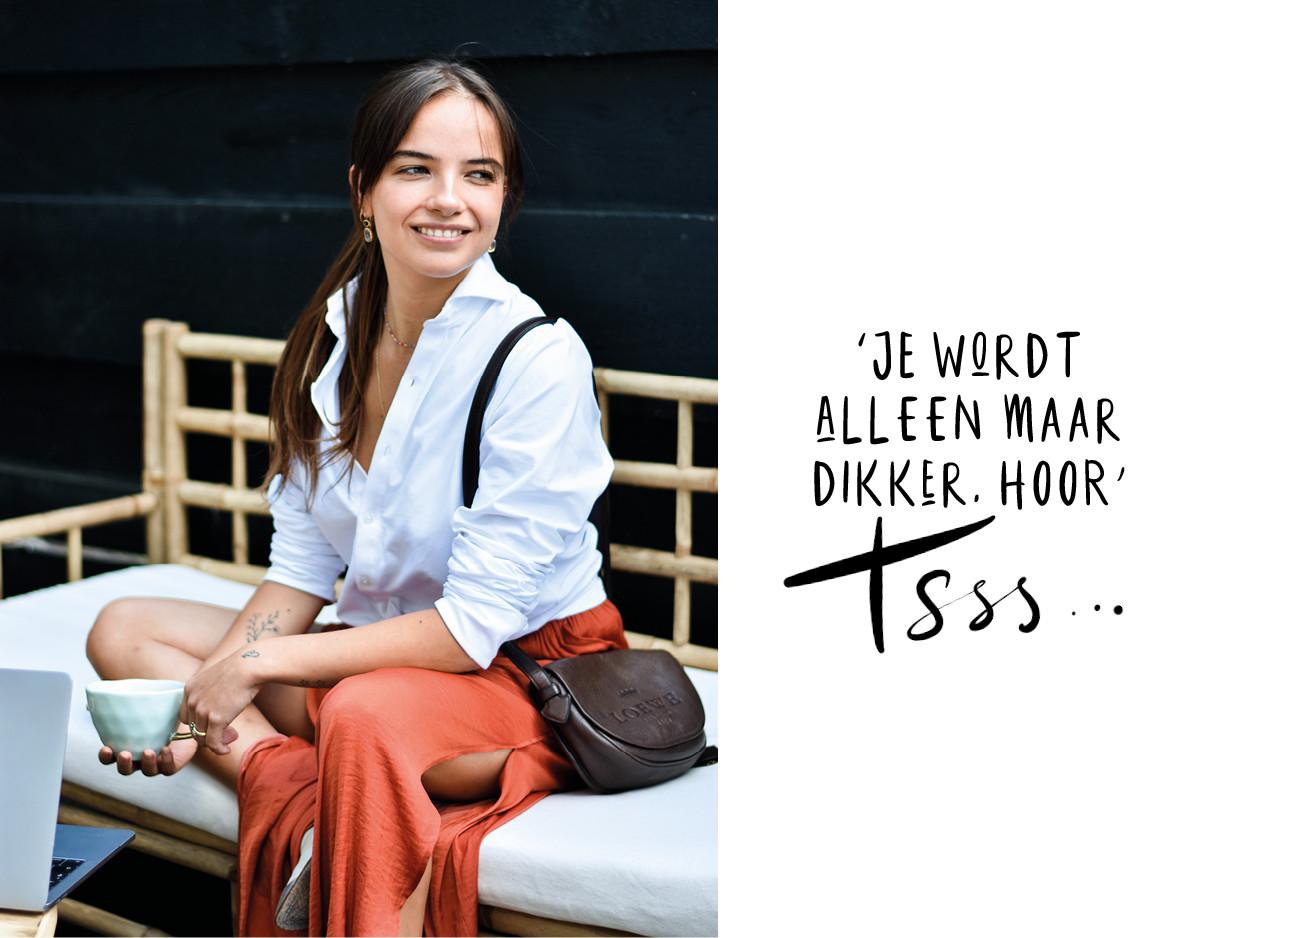 Tess hoens lachend op een bank in de tuin